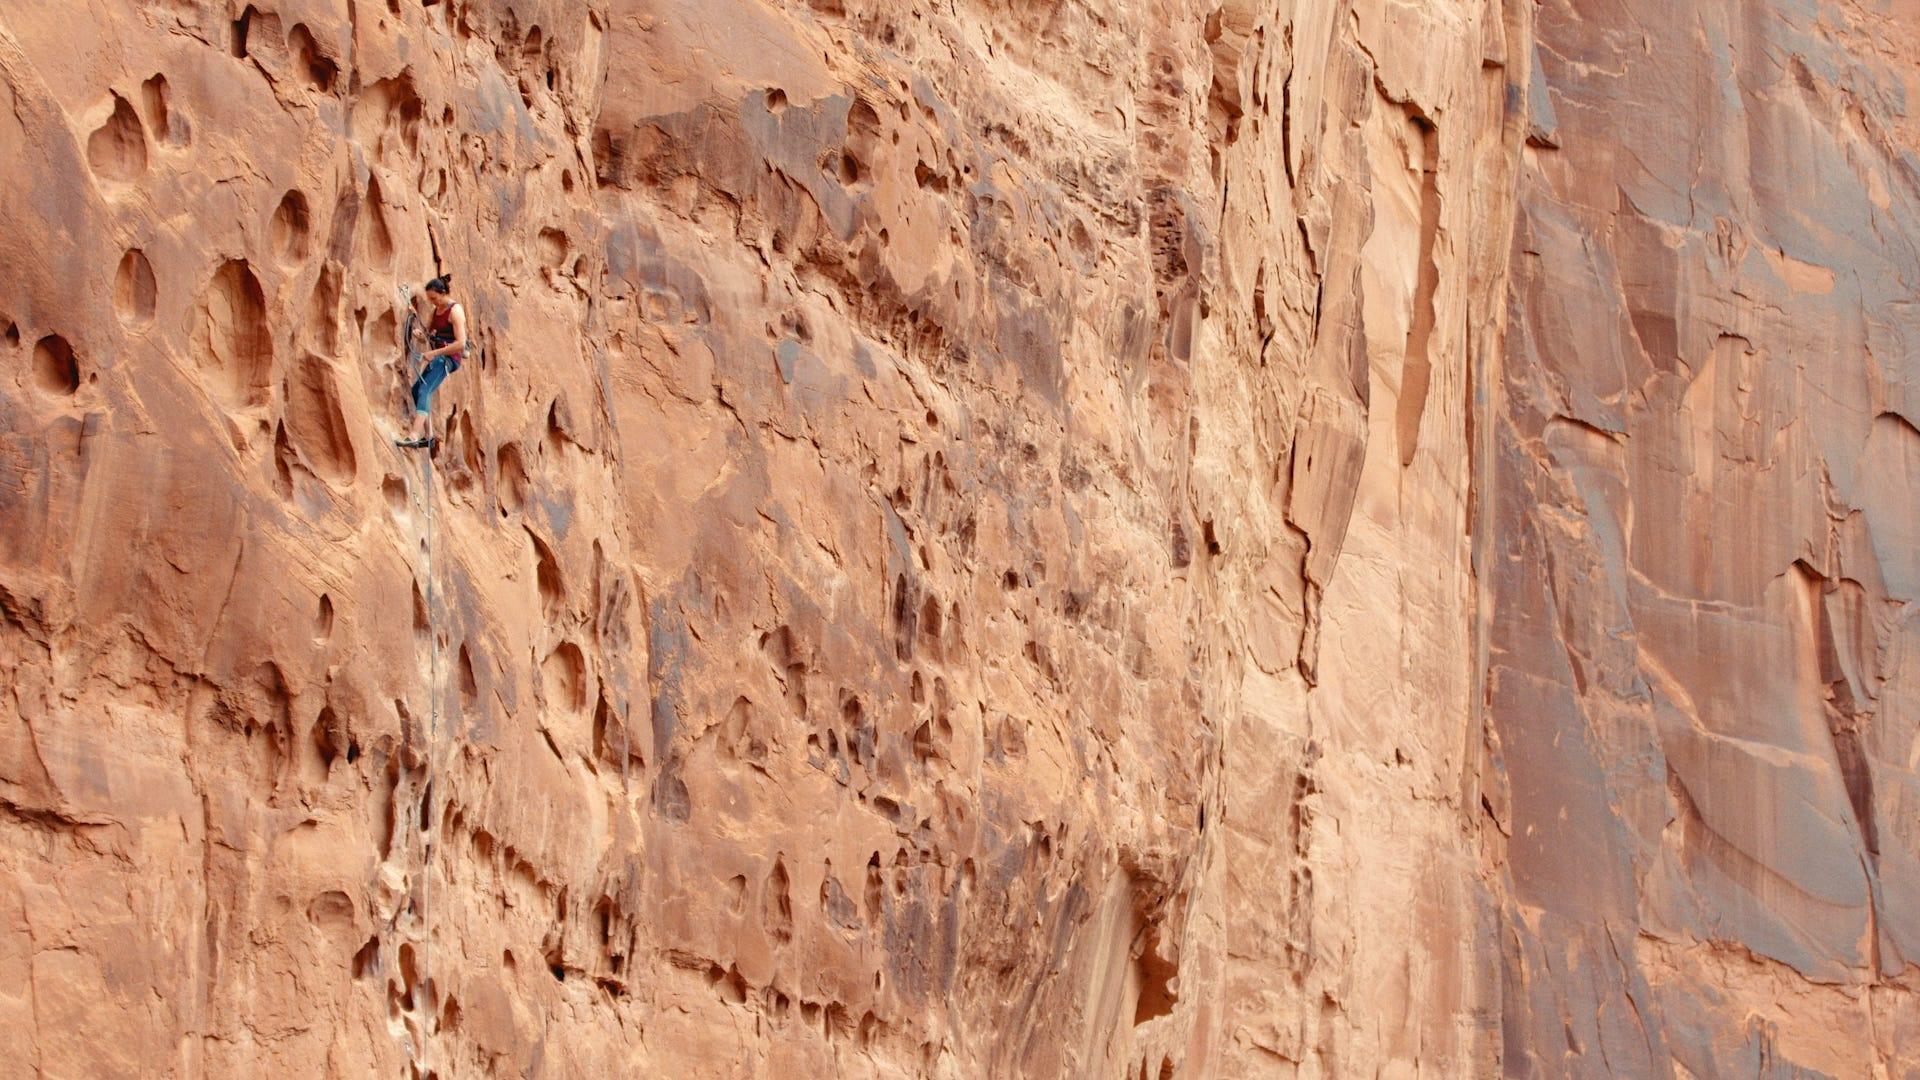 Steph Davis: Professional Climber